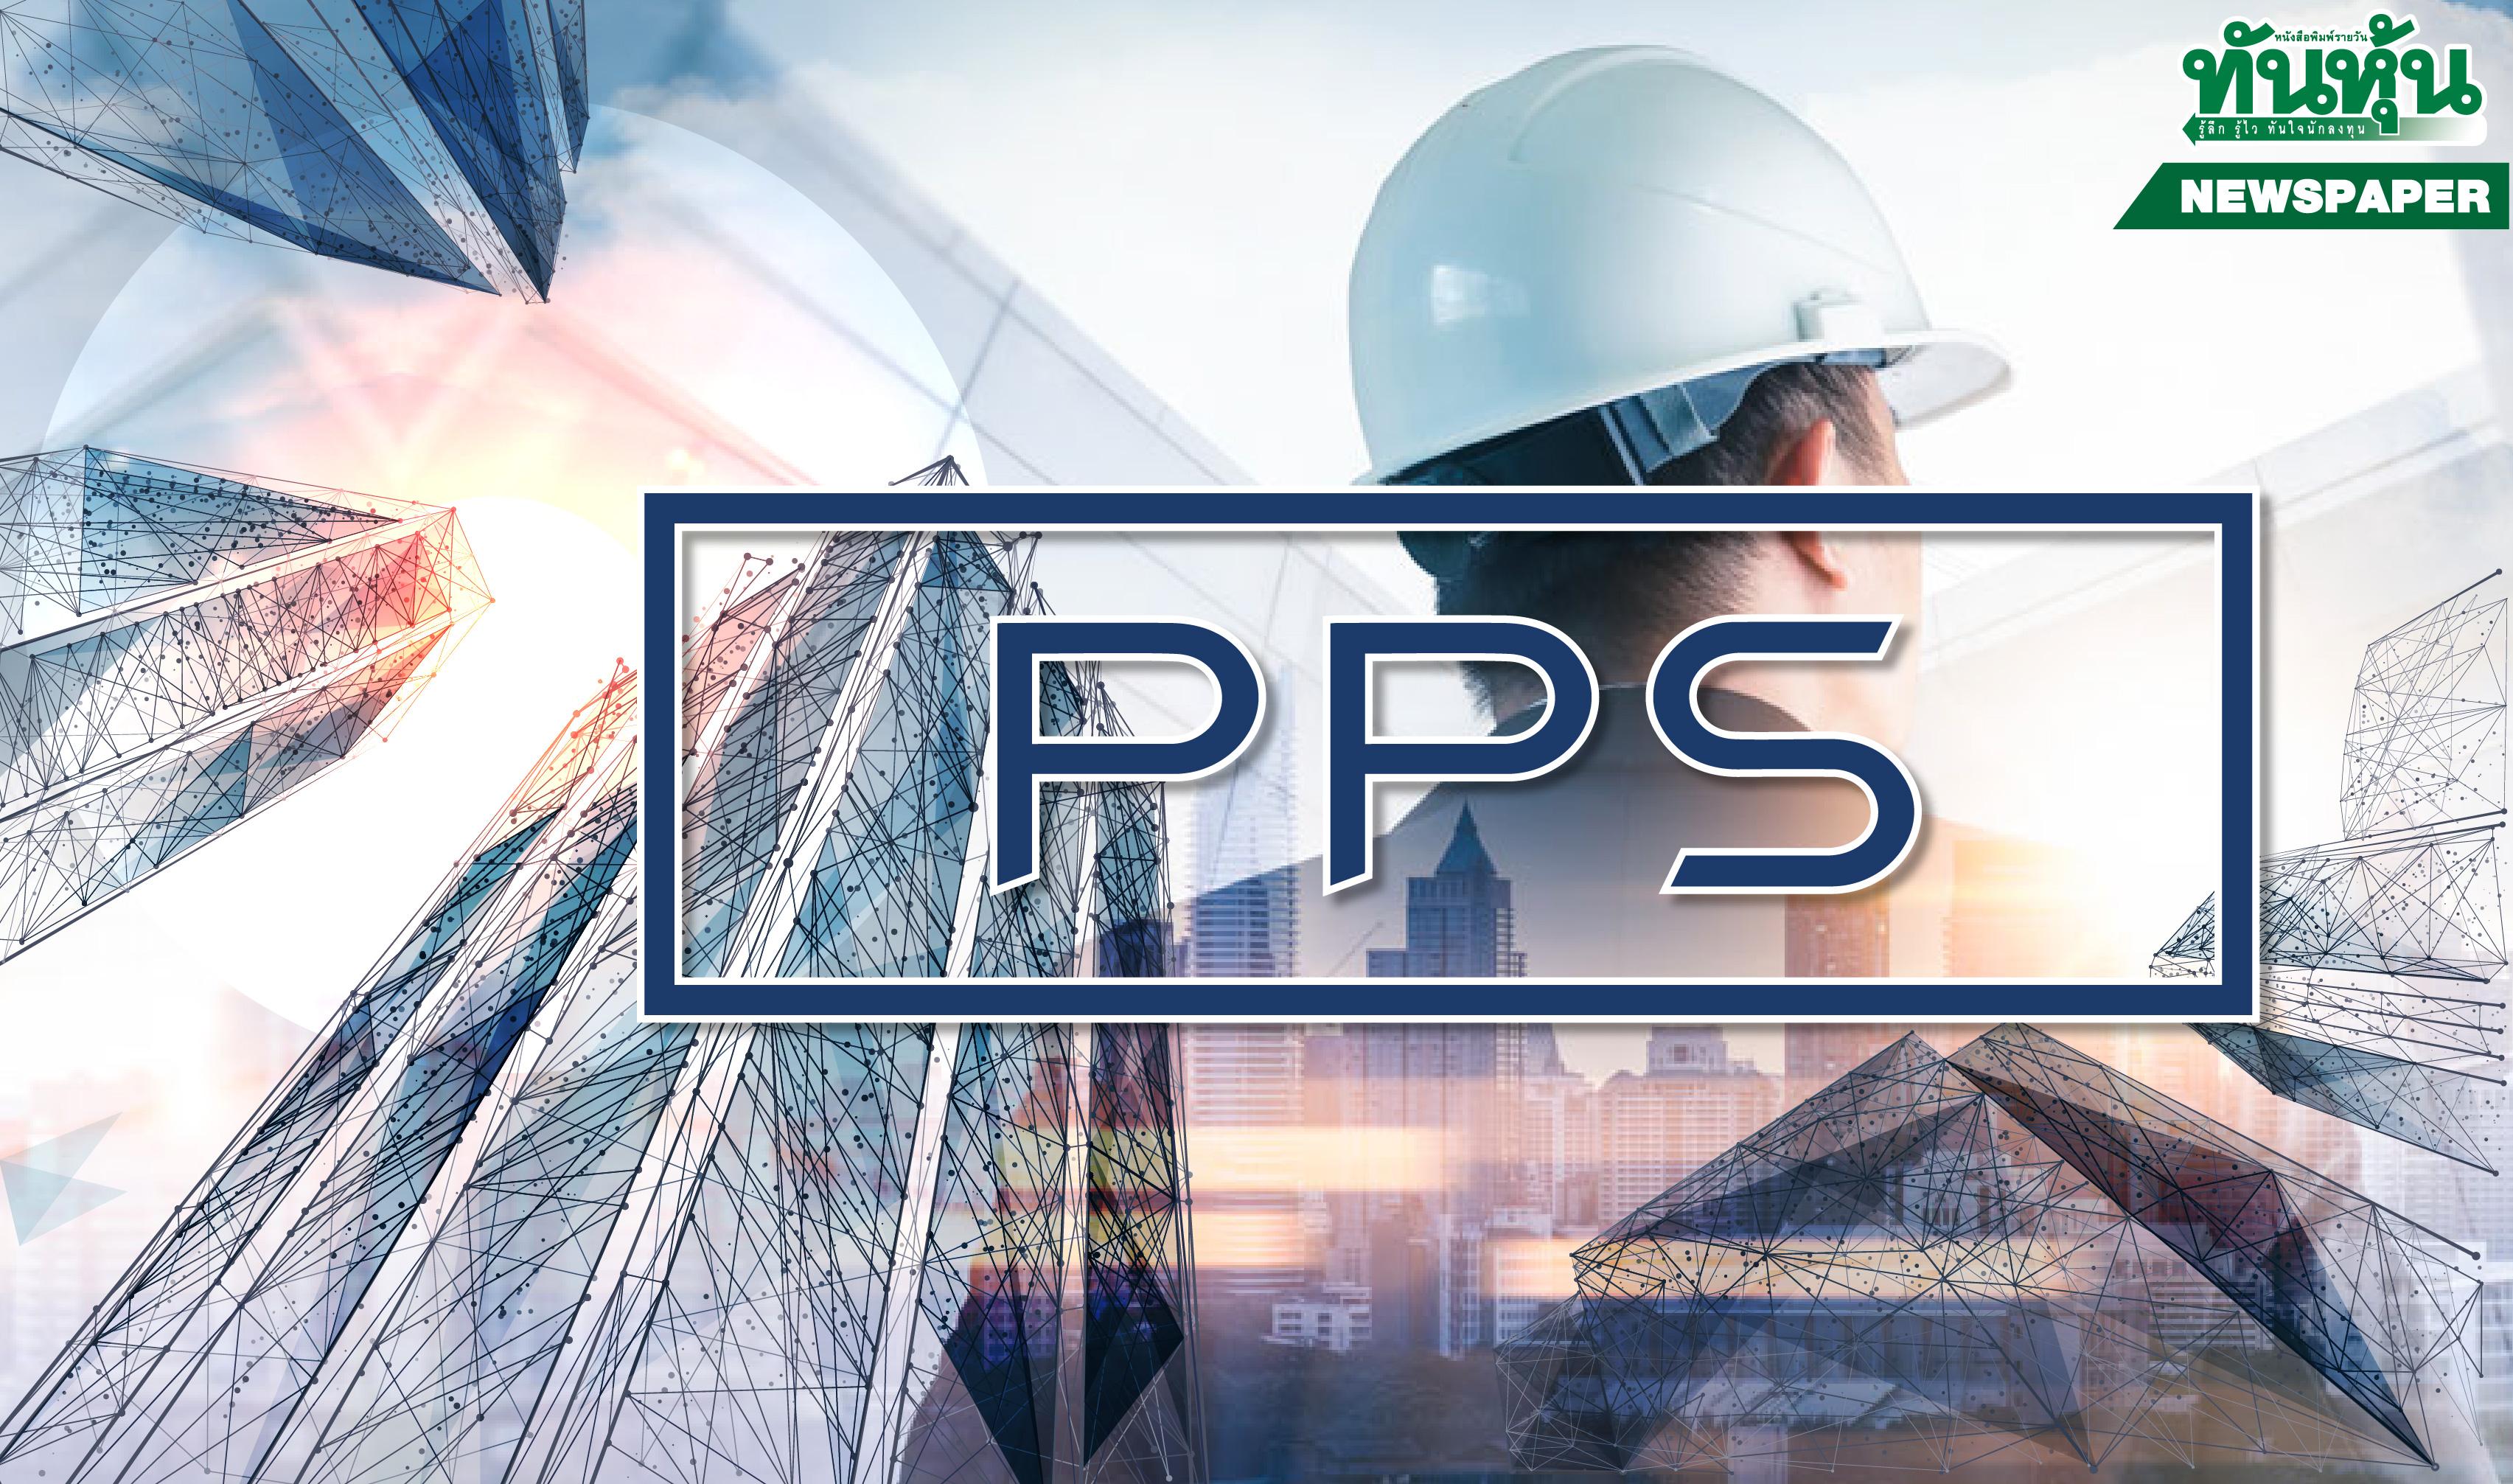 PPS พ้นจุดต่ำสุด ครึ่งปีหลังฟื้นตัว งานรัฐ-เอกชนจ่อ